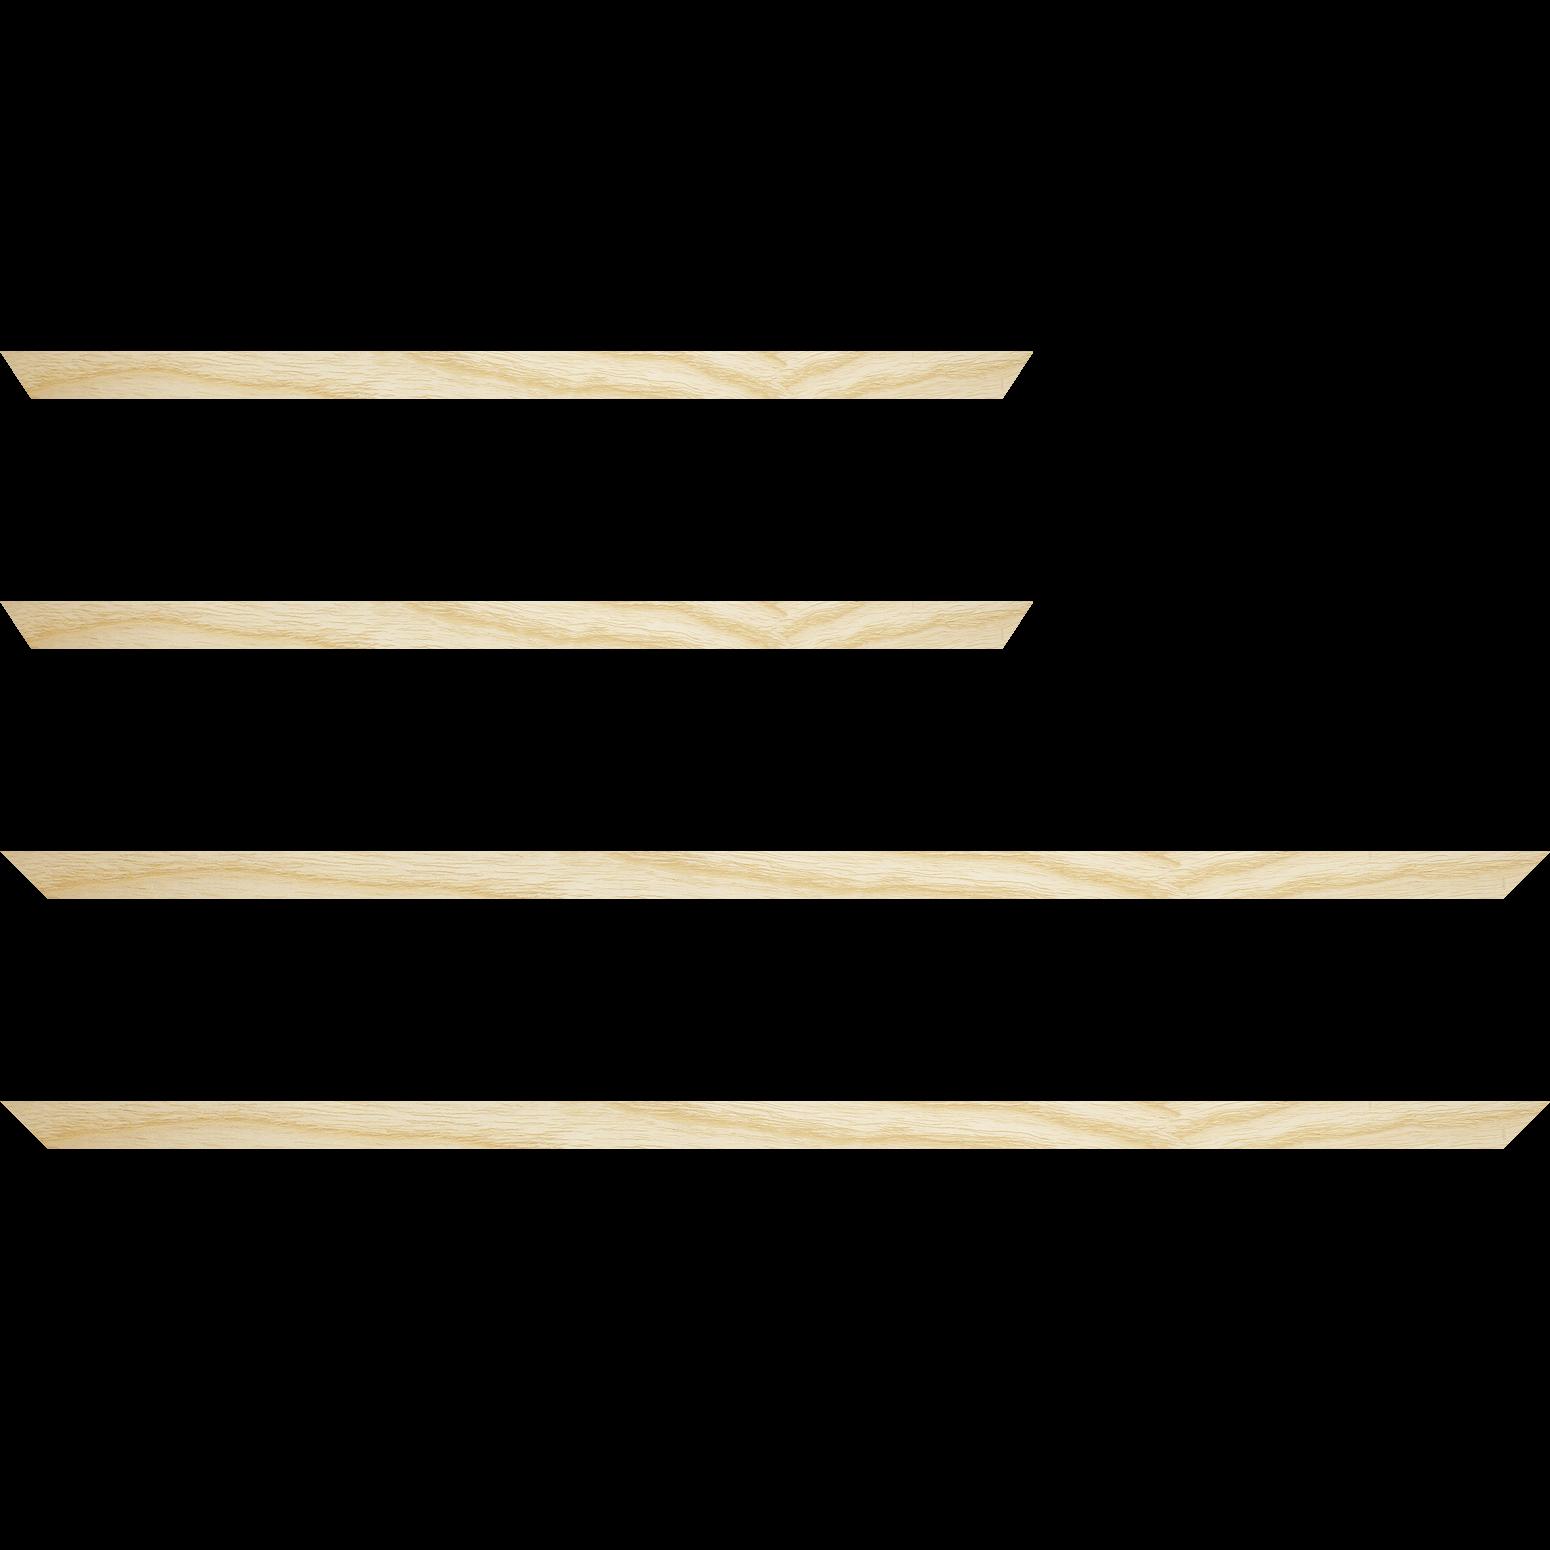 Baguette service précoupé Bois profil plat largeur 1.5cm hauteur 3cm plaquage haut de gamme frêne naturel